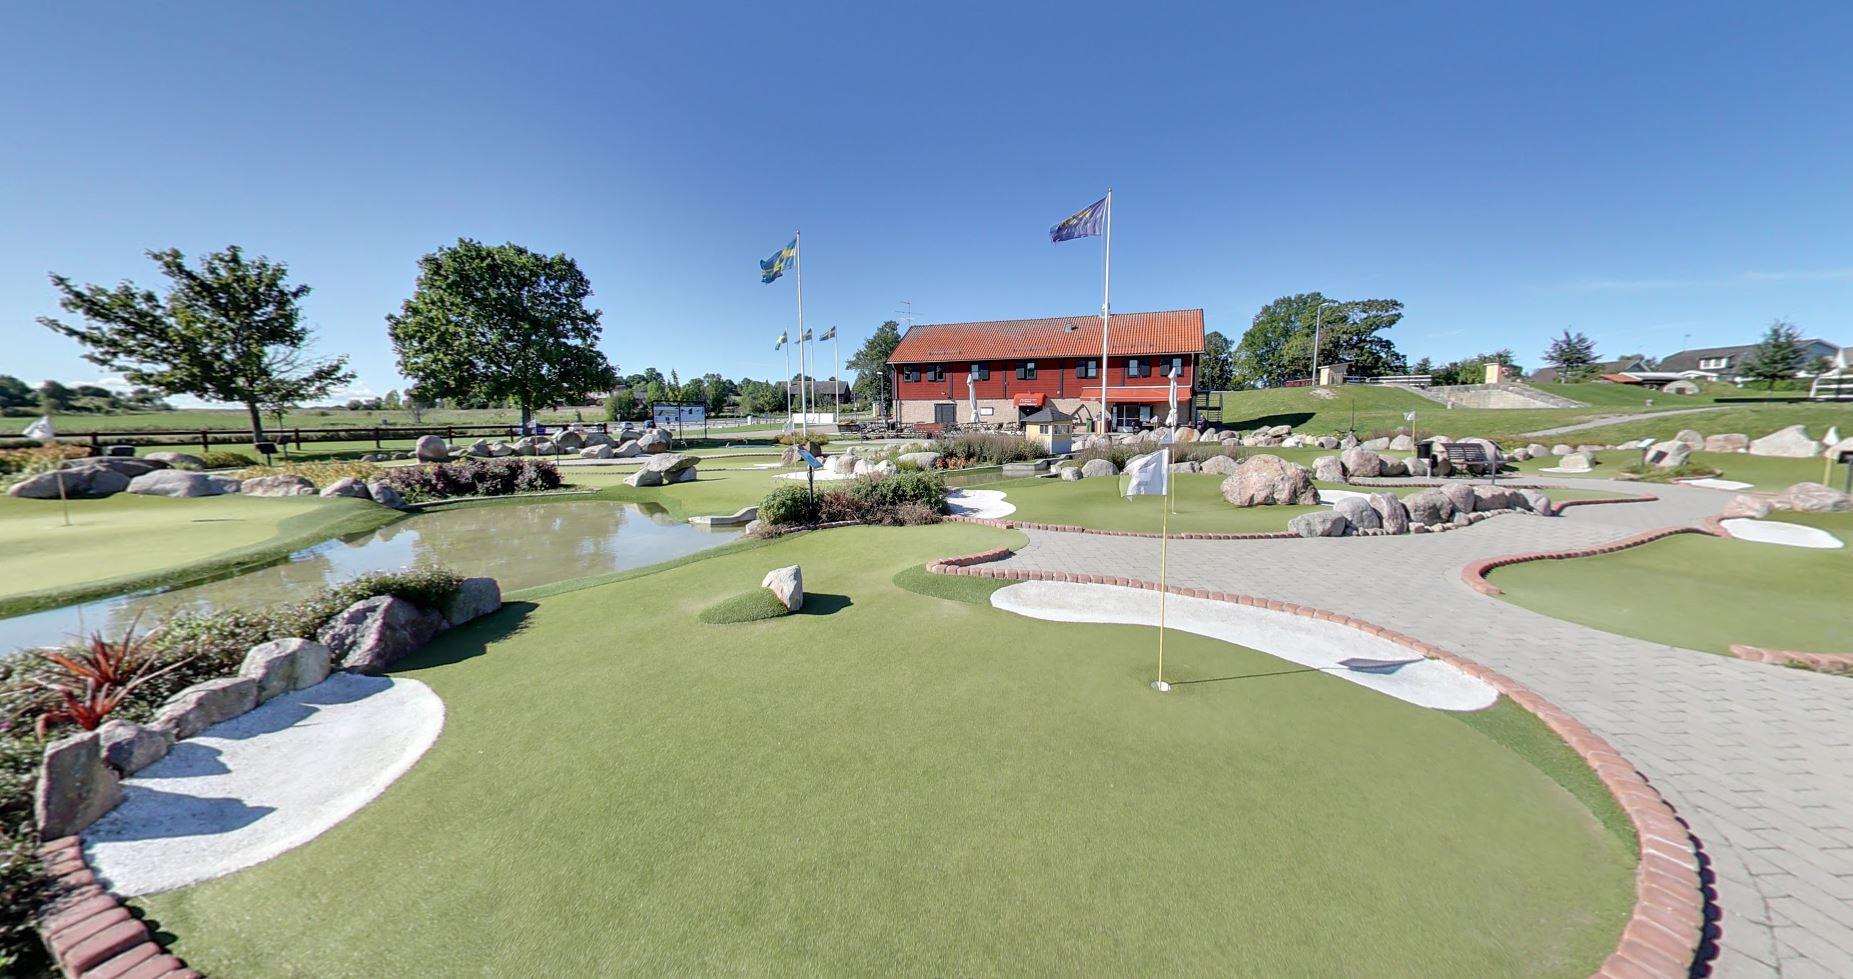 golfbana1